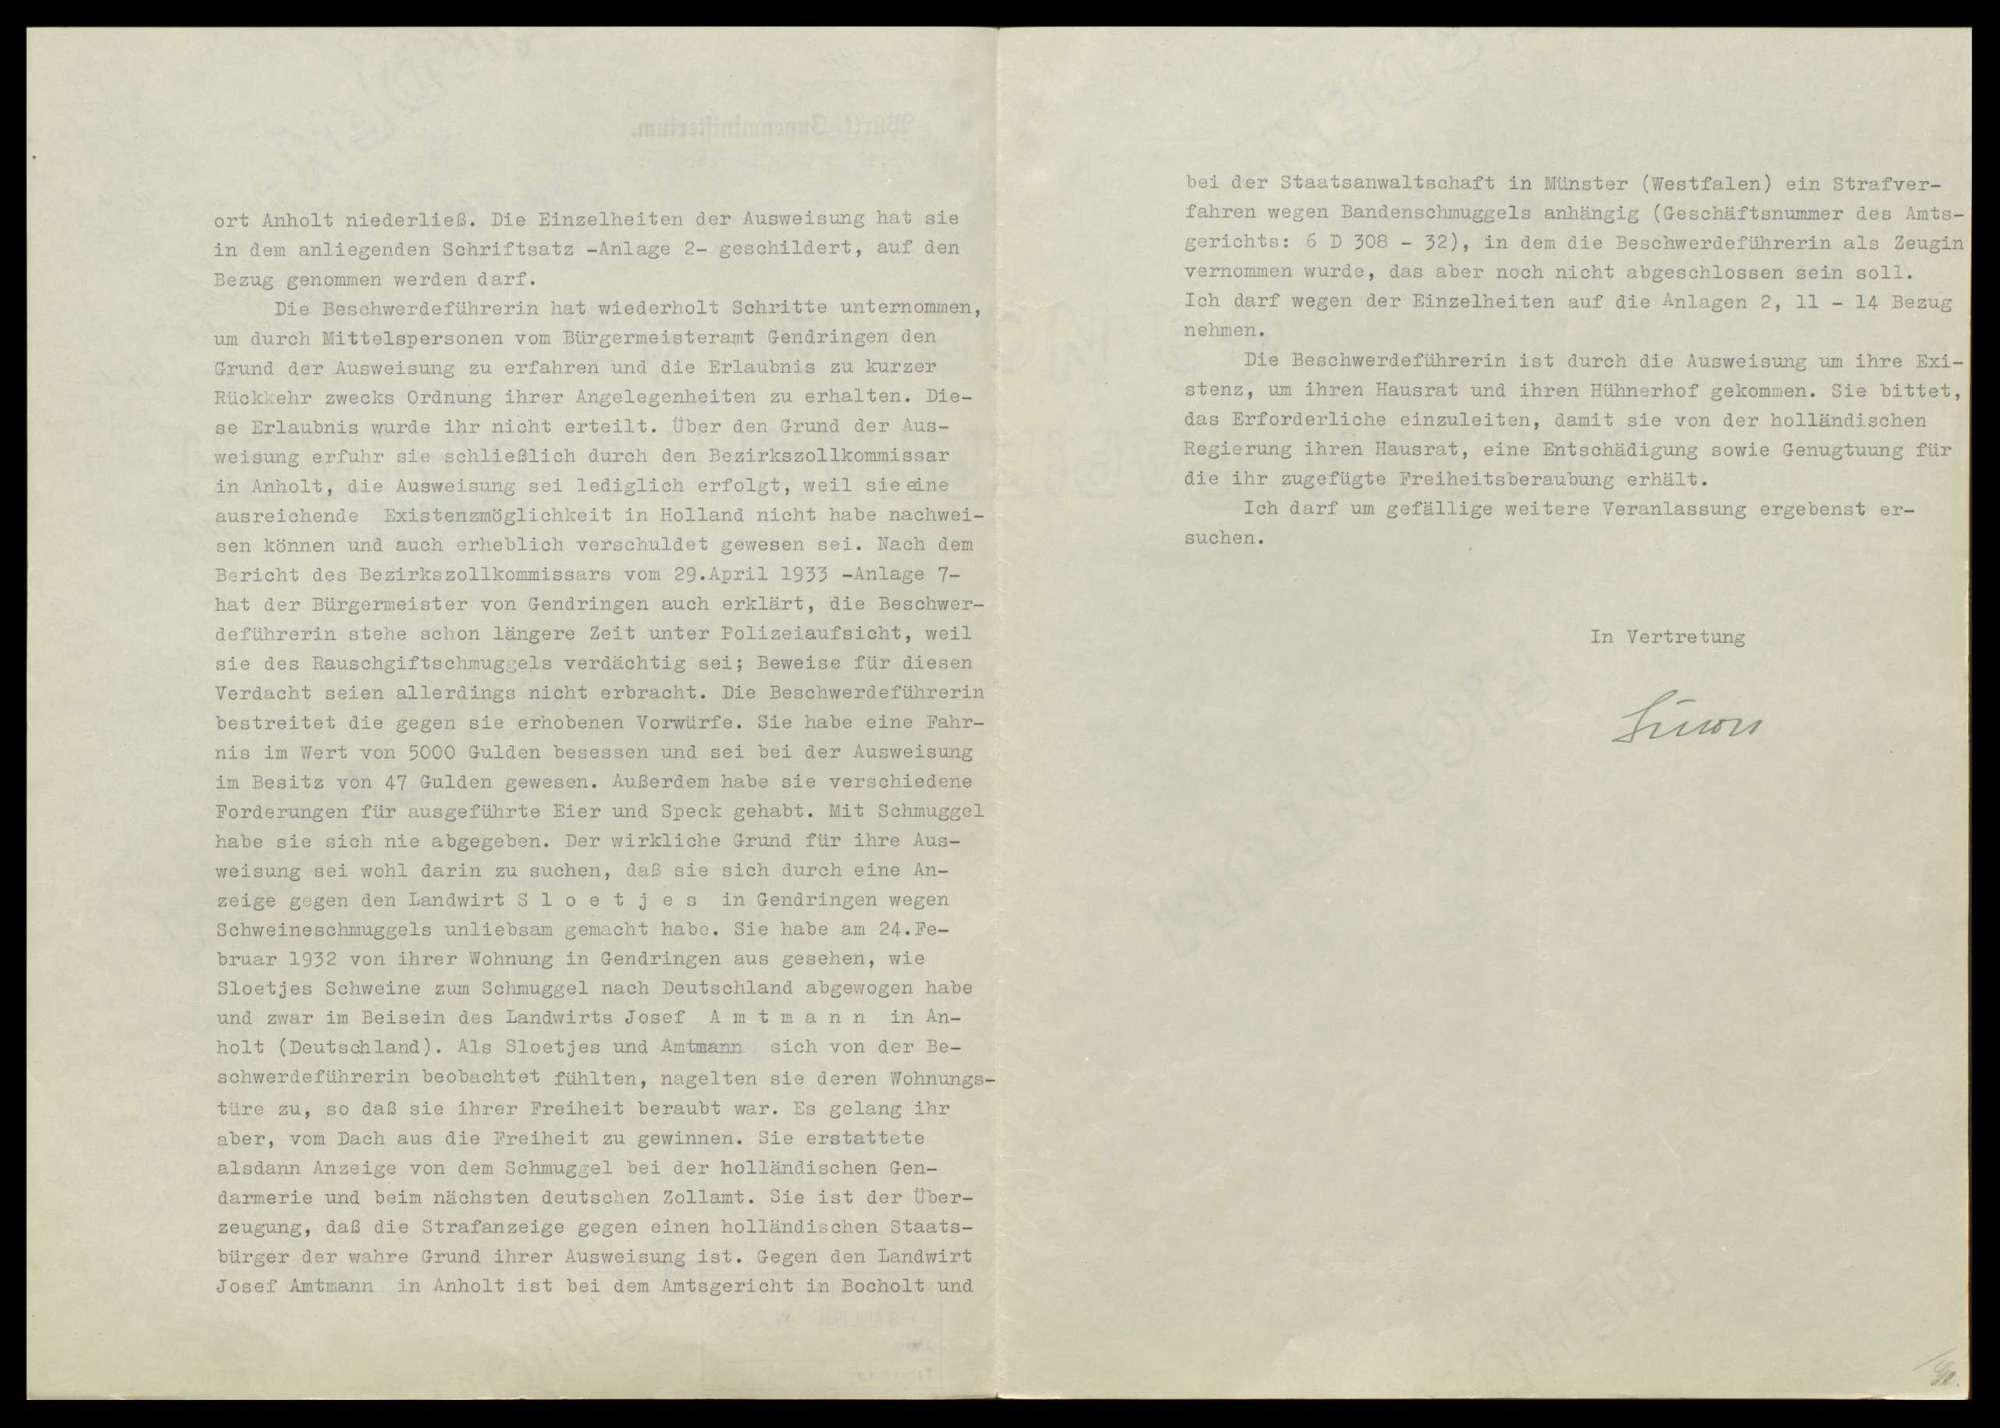 Gesuche wegen Ein- und Ausreisebewilligung sowie wegen Ausweisung deutscher und ausländischer Staatsangehöriger, Bild 3